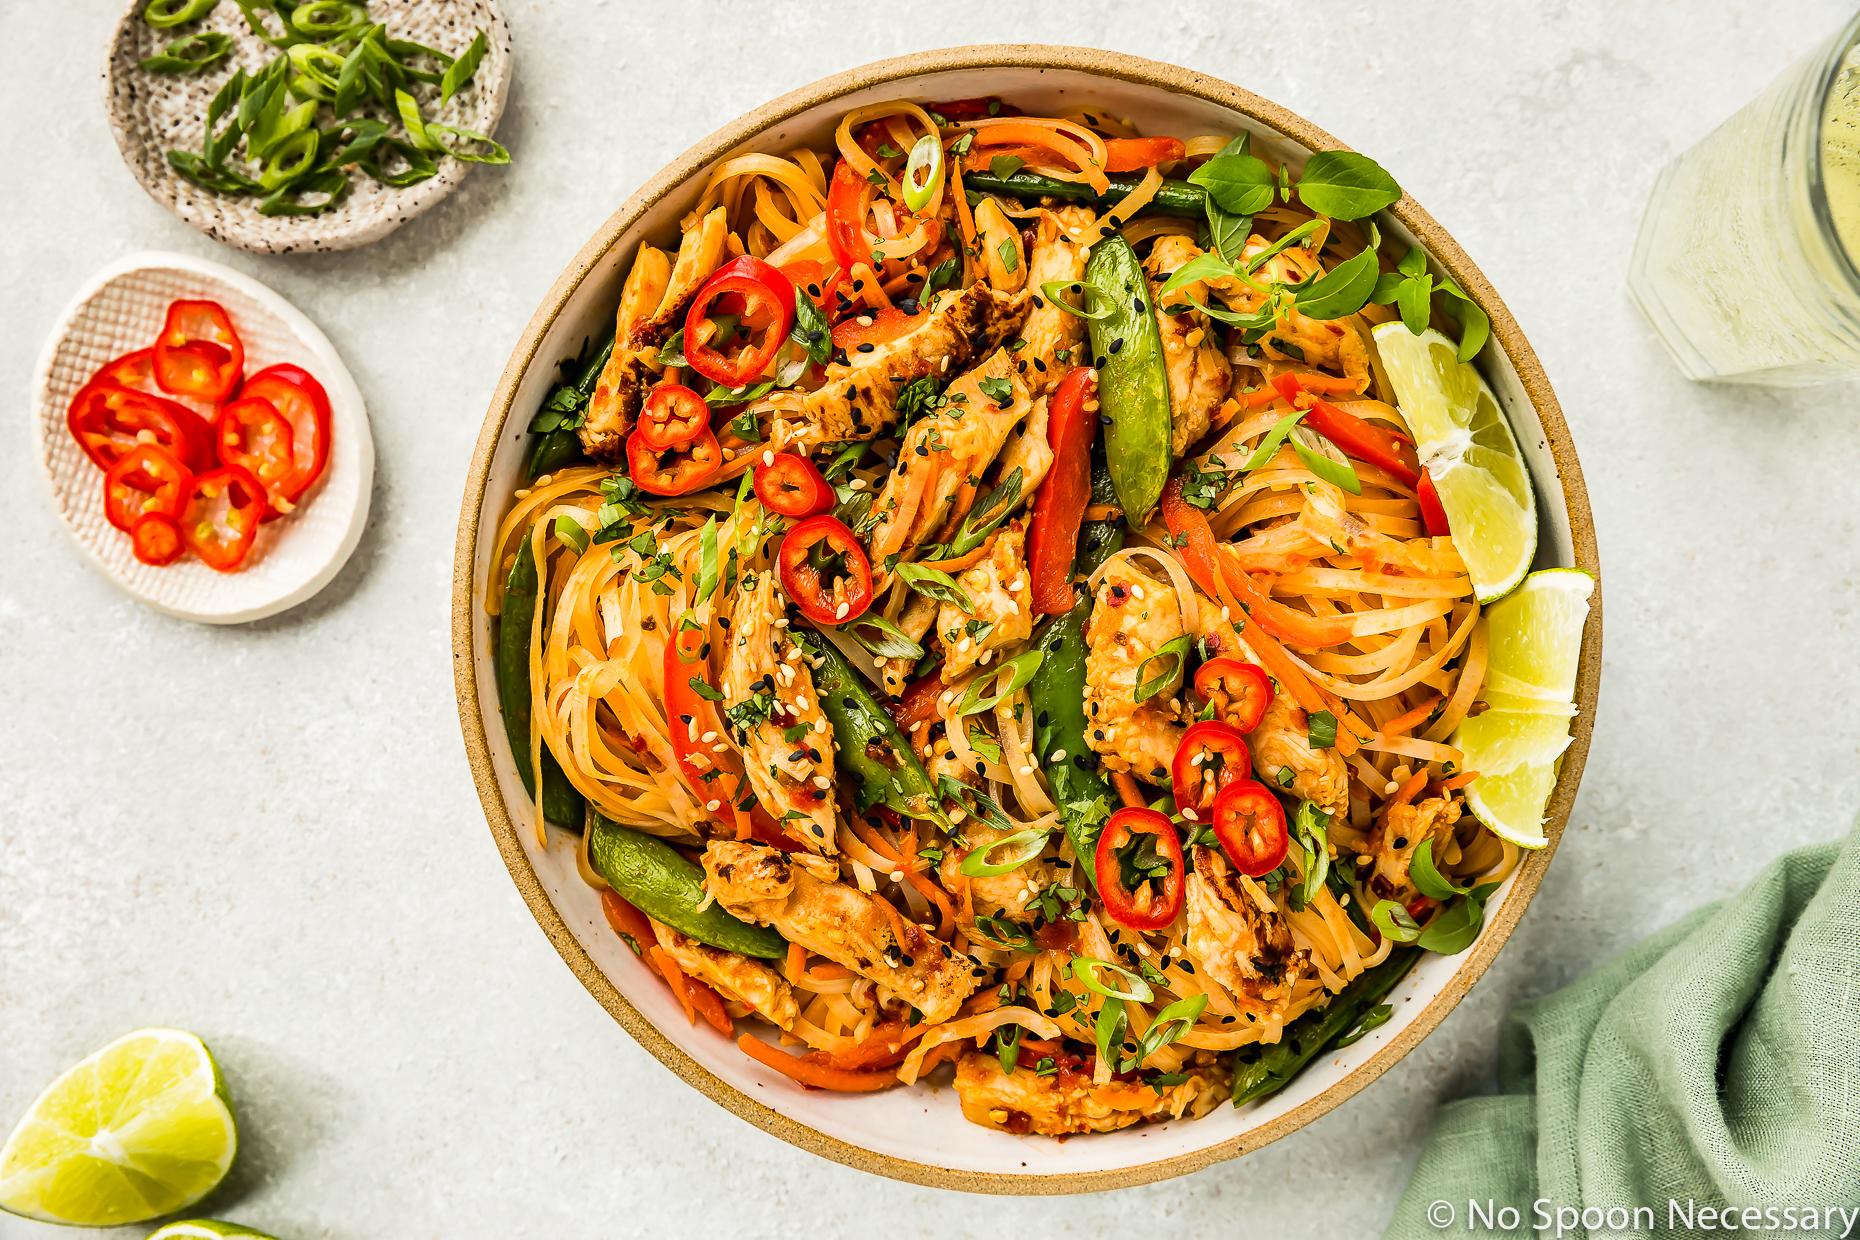 Thai Spicy Chili Chicken & Noodles